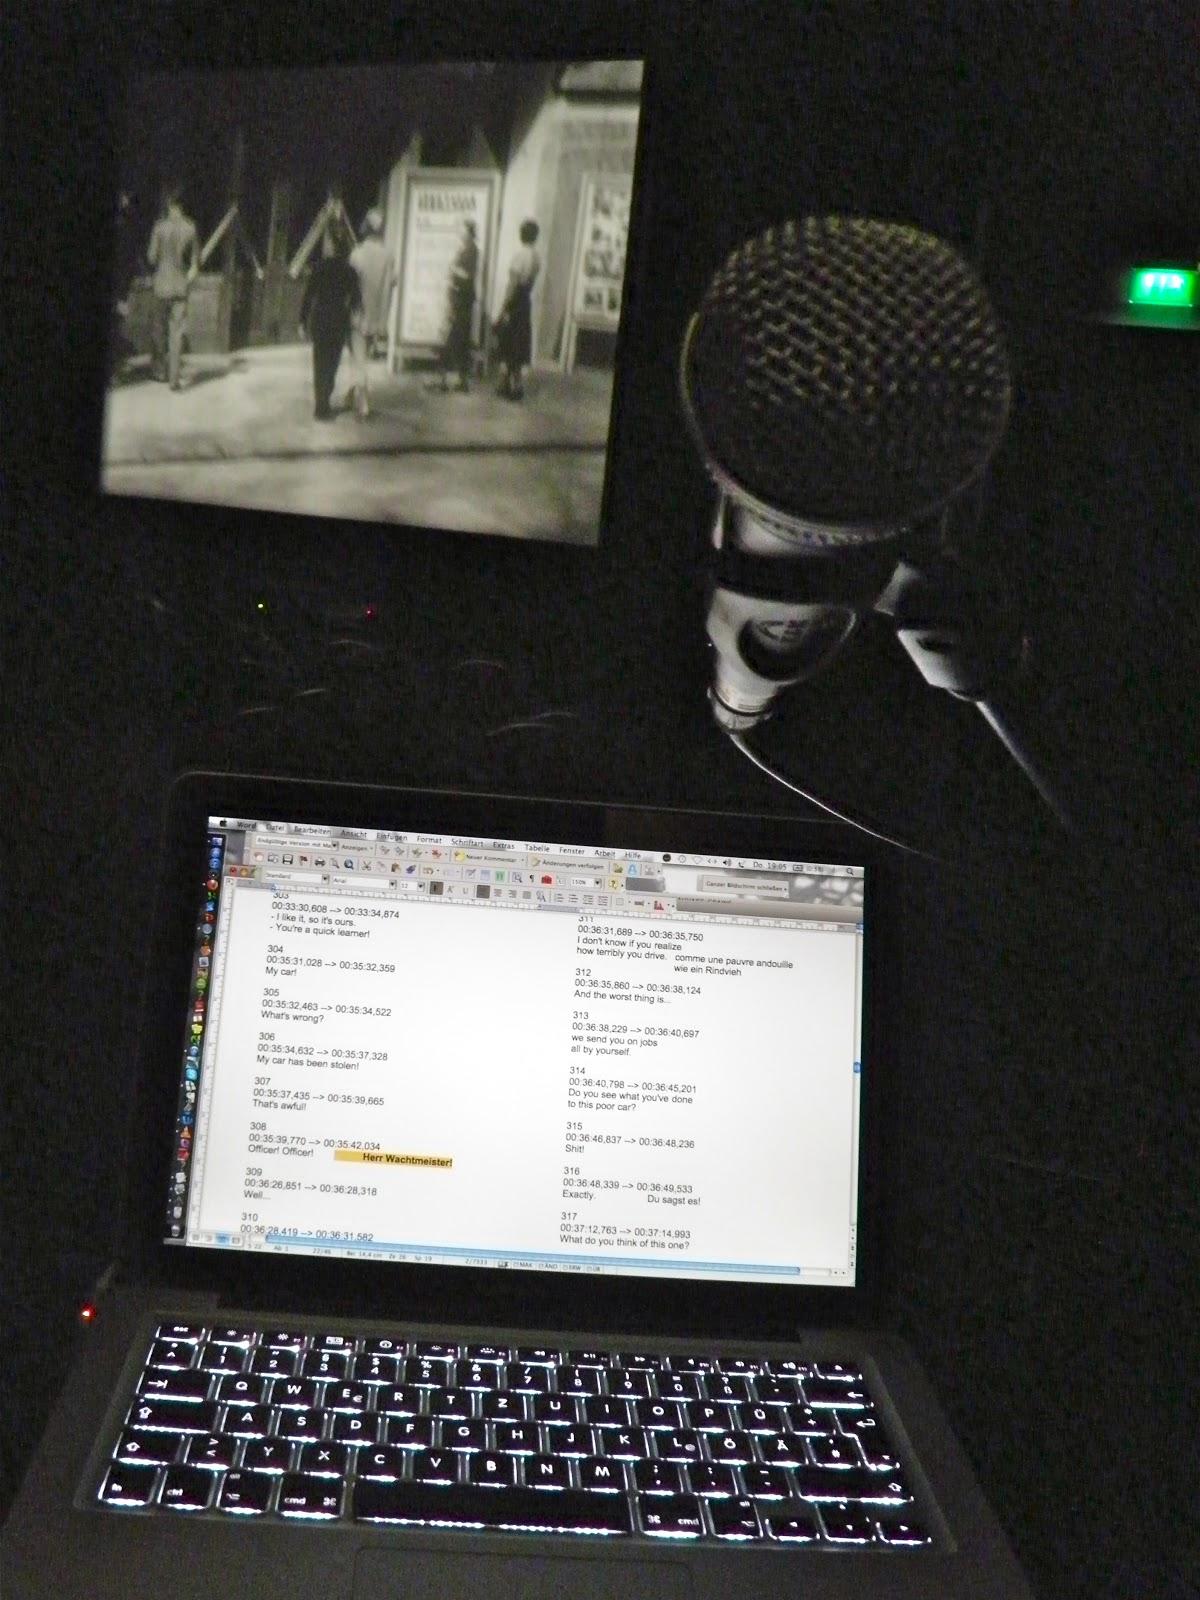 Leinwand, Mikro, Computer mit Untertitelliste